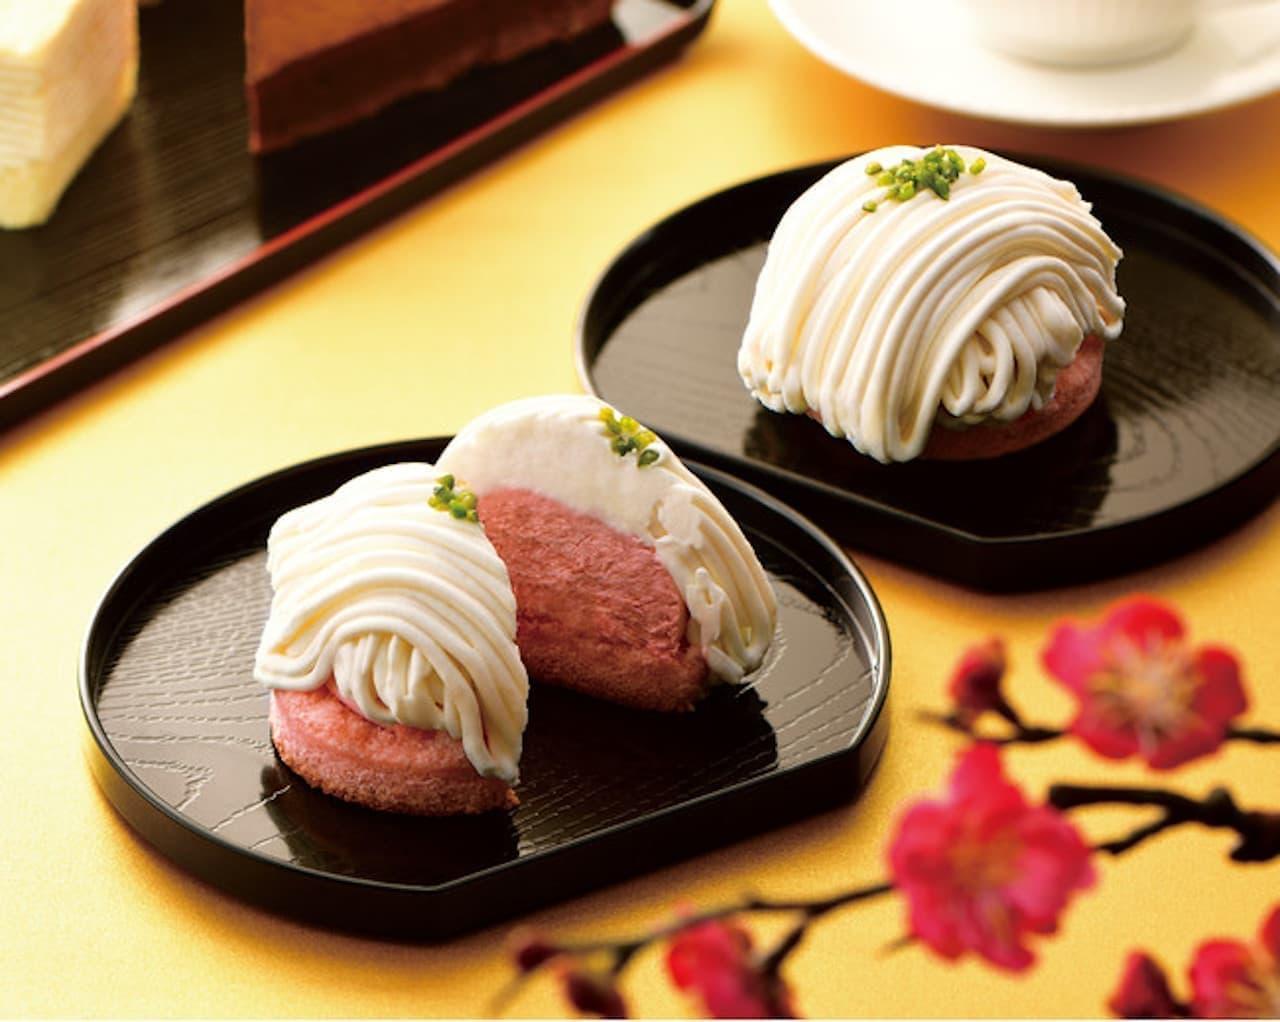 カフェ・ド・クリエ「ホワイトチョコとあまおう苺のモンブラン」